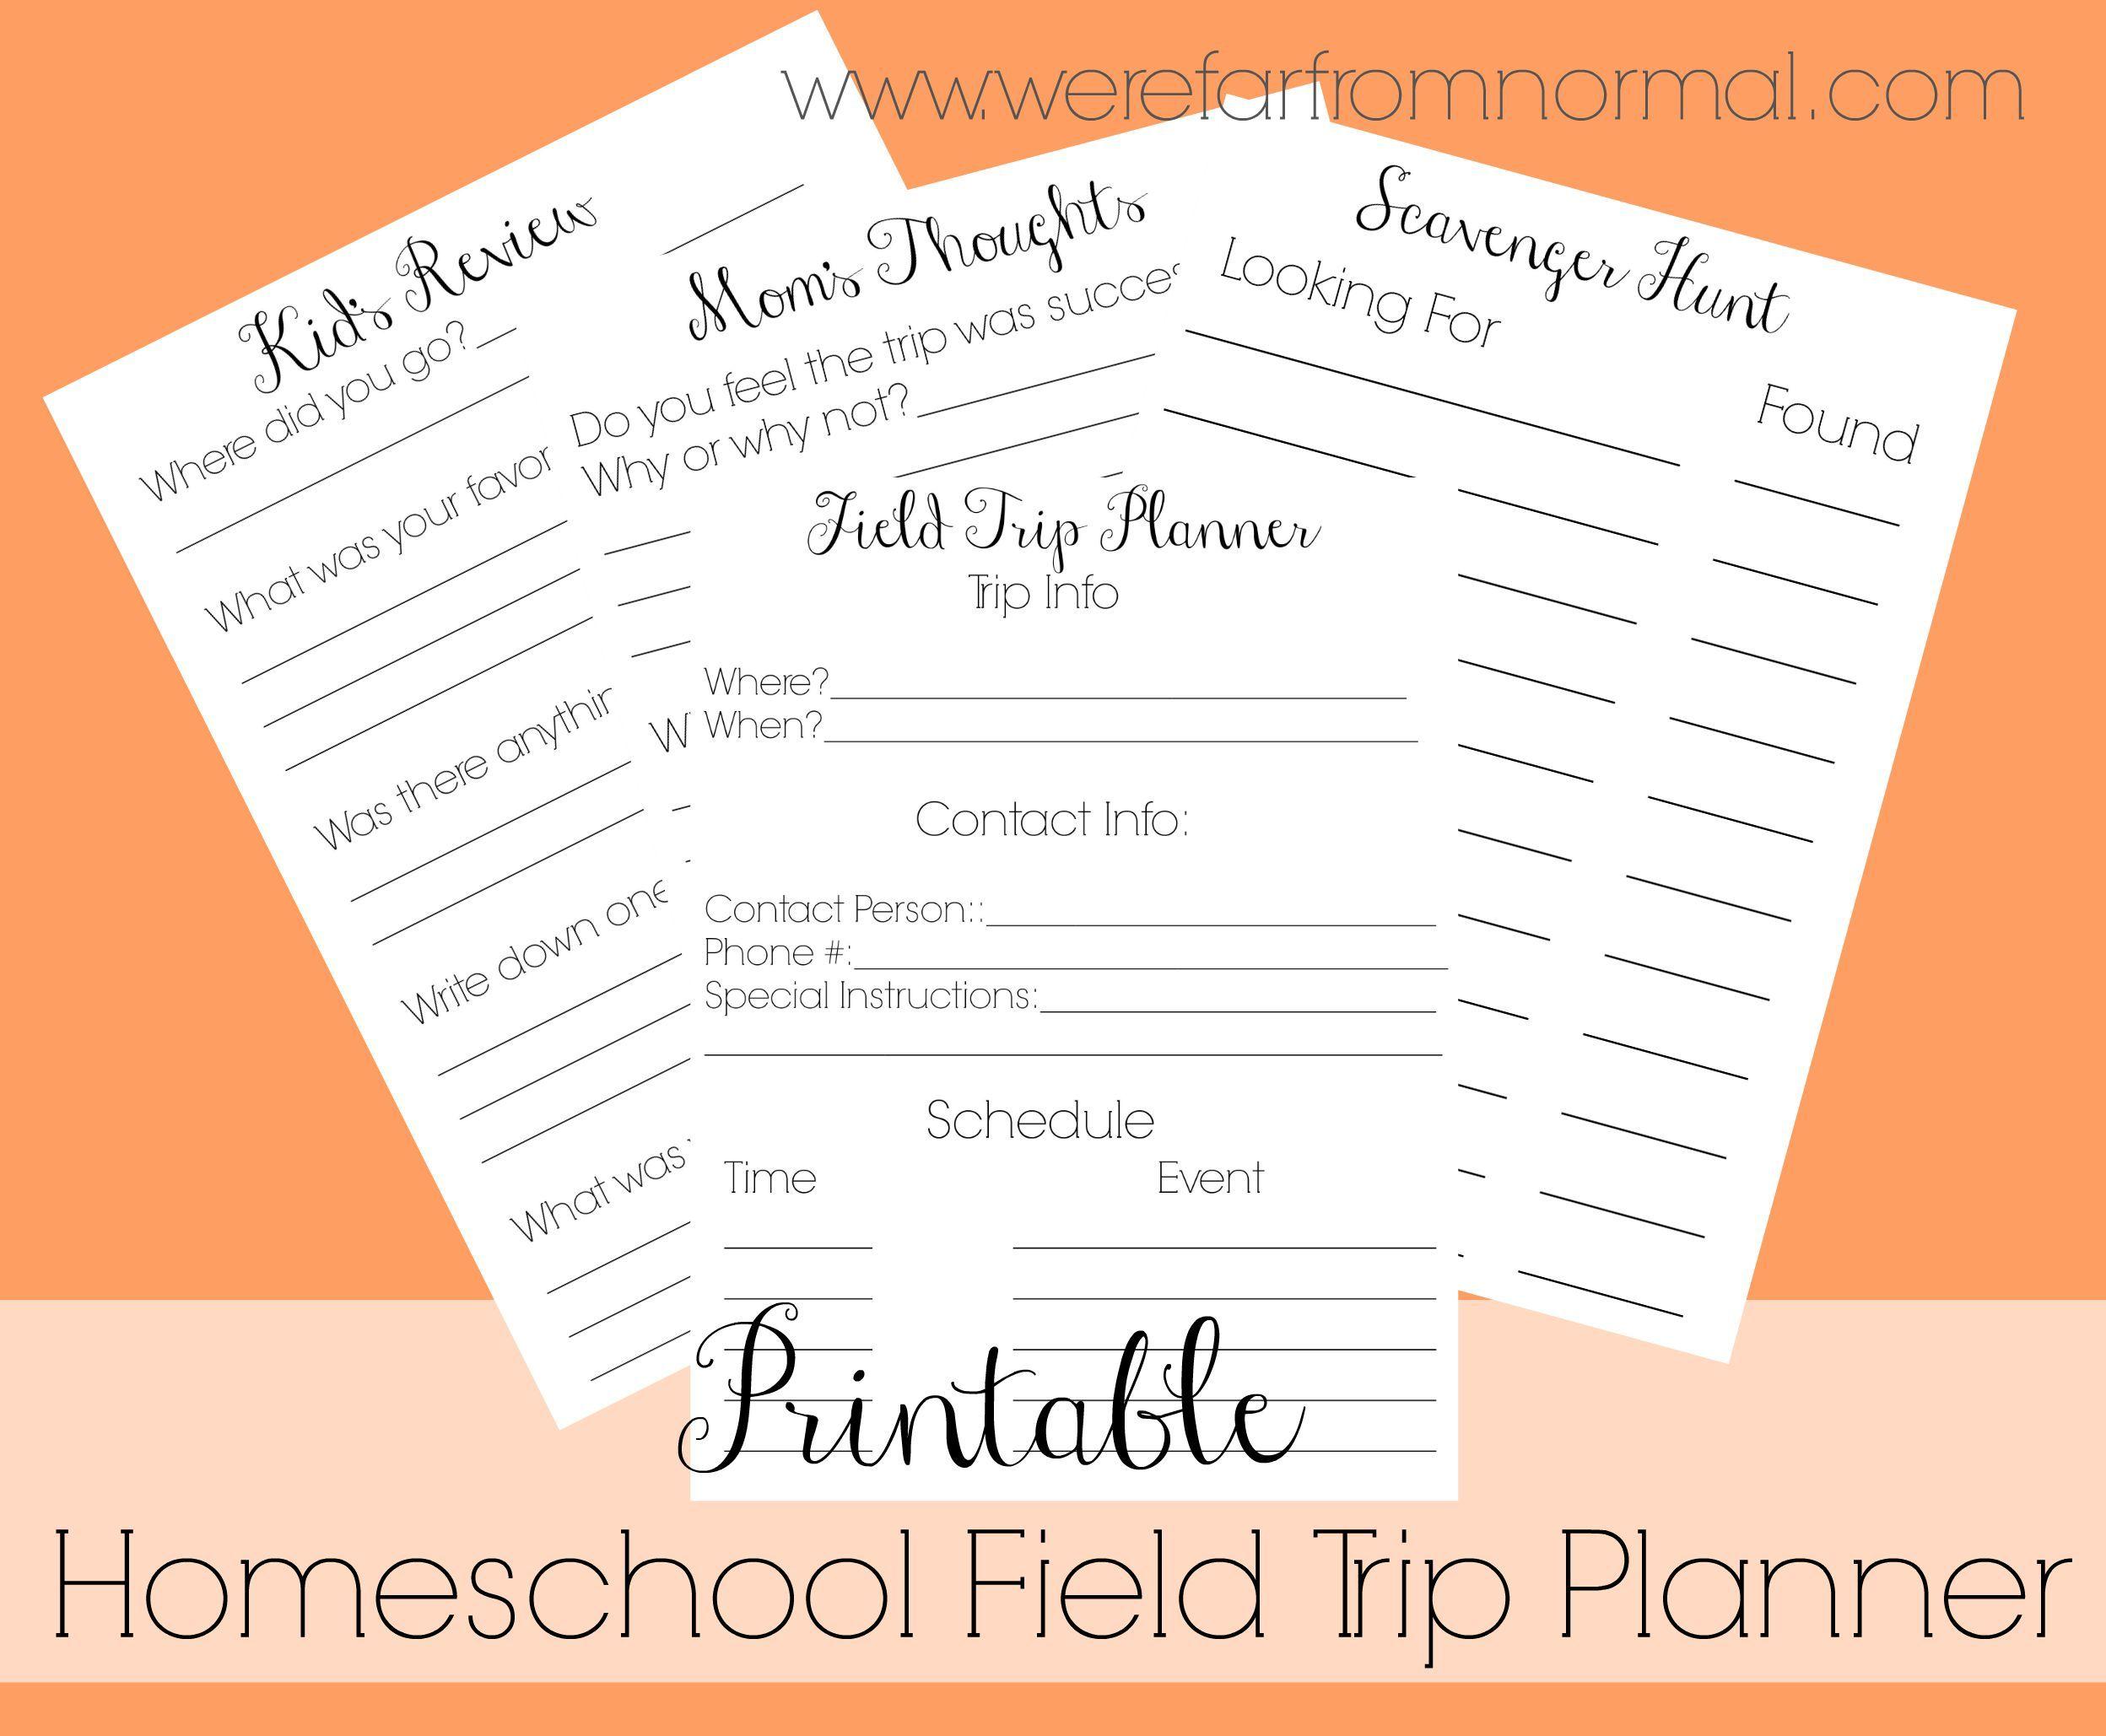 Free Printable Homeschool Field Trip Planner